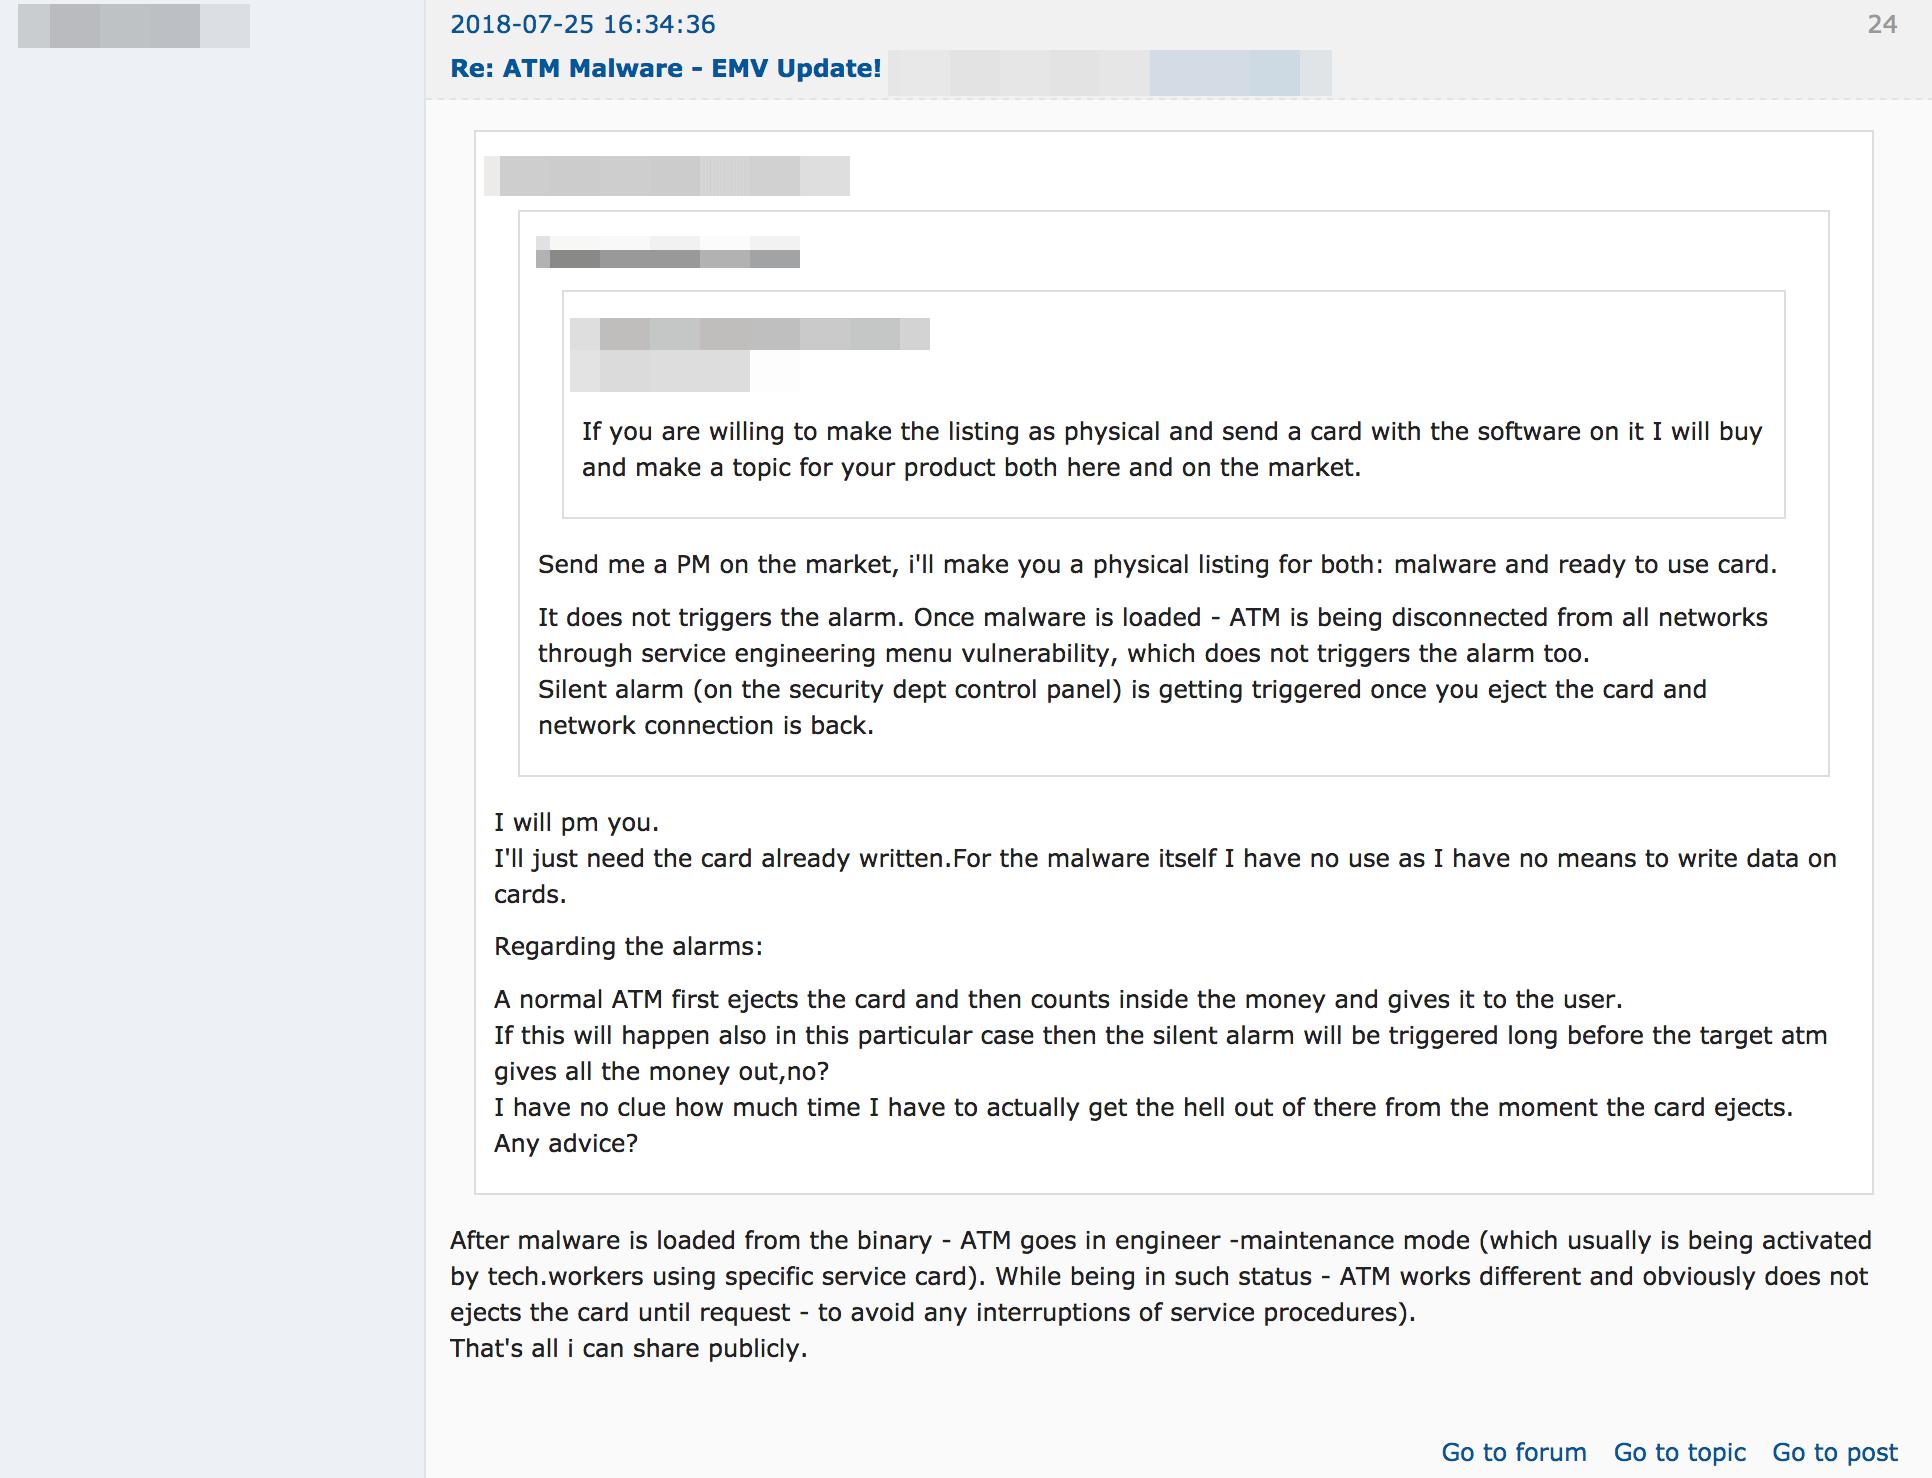 通常の ATM マルウェアに関する投稿